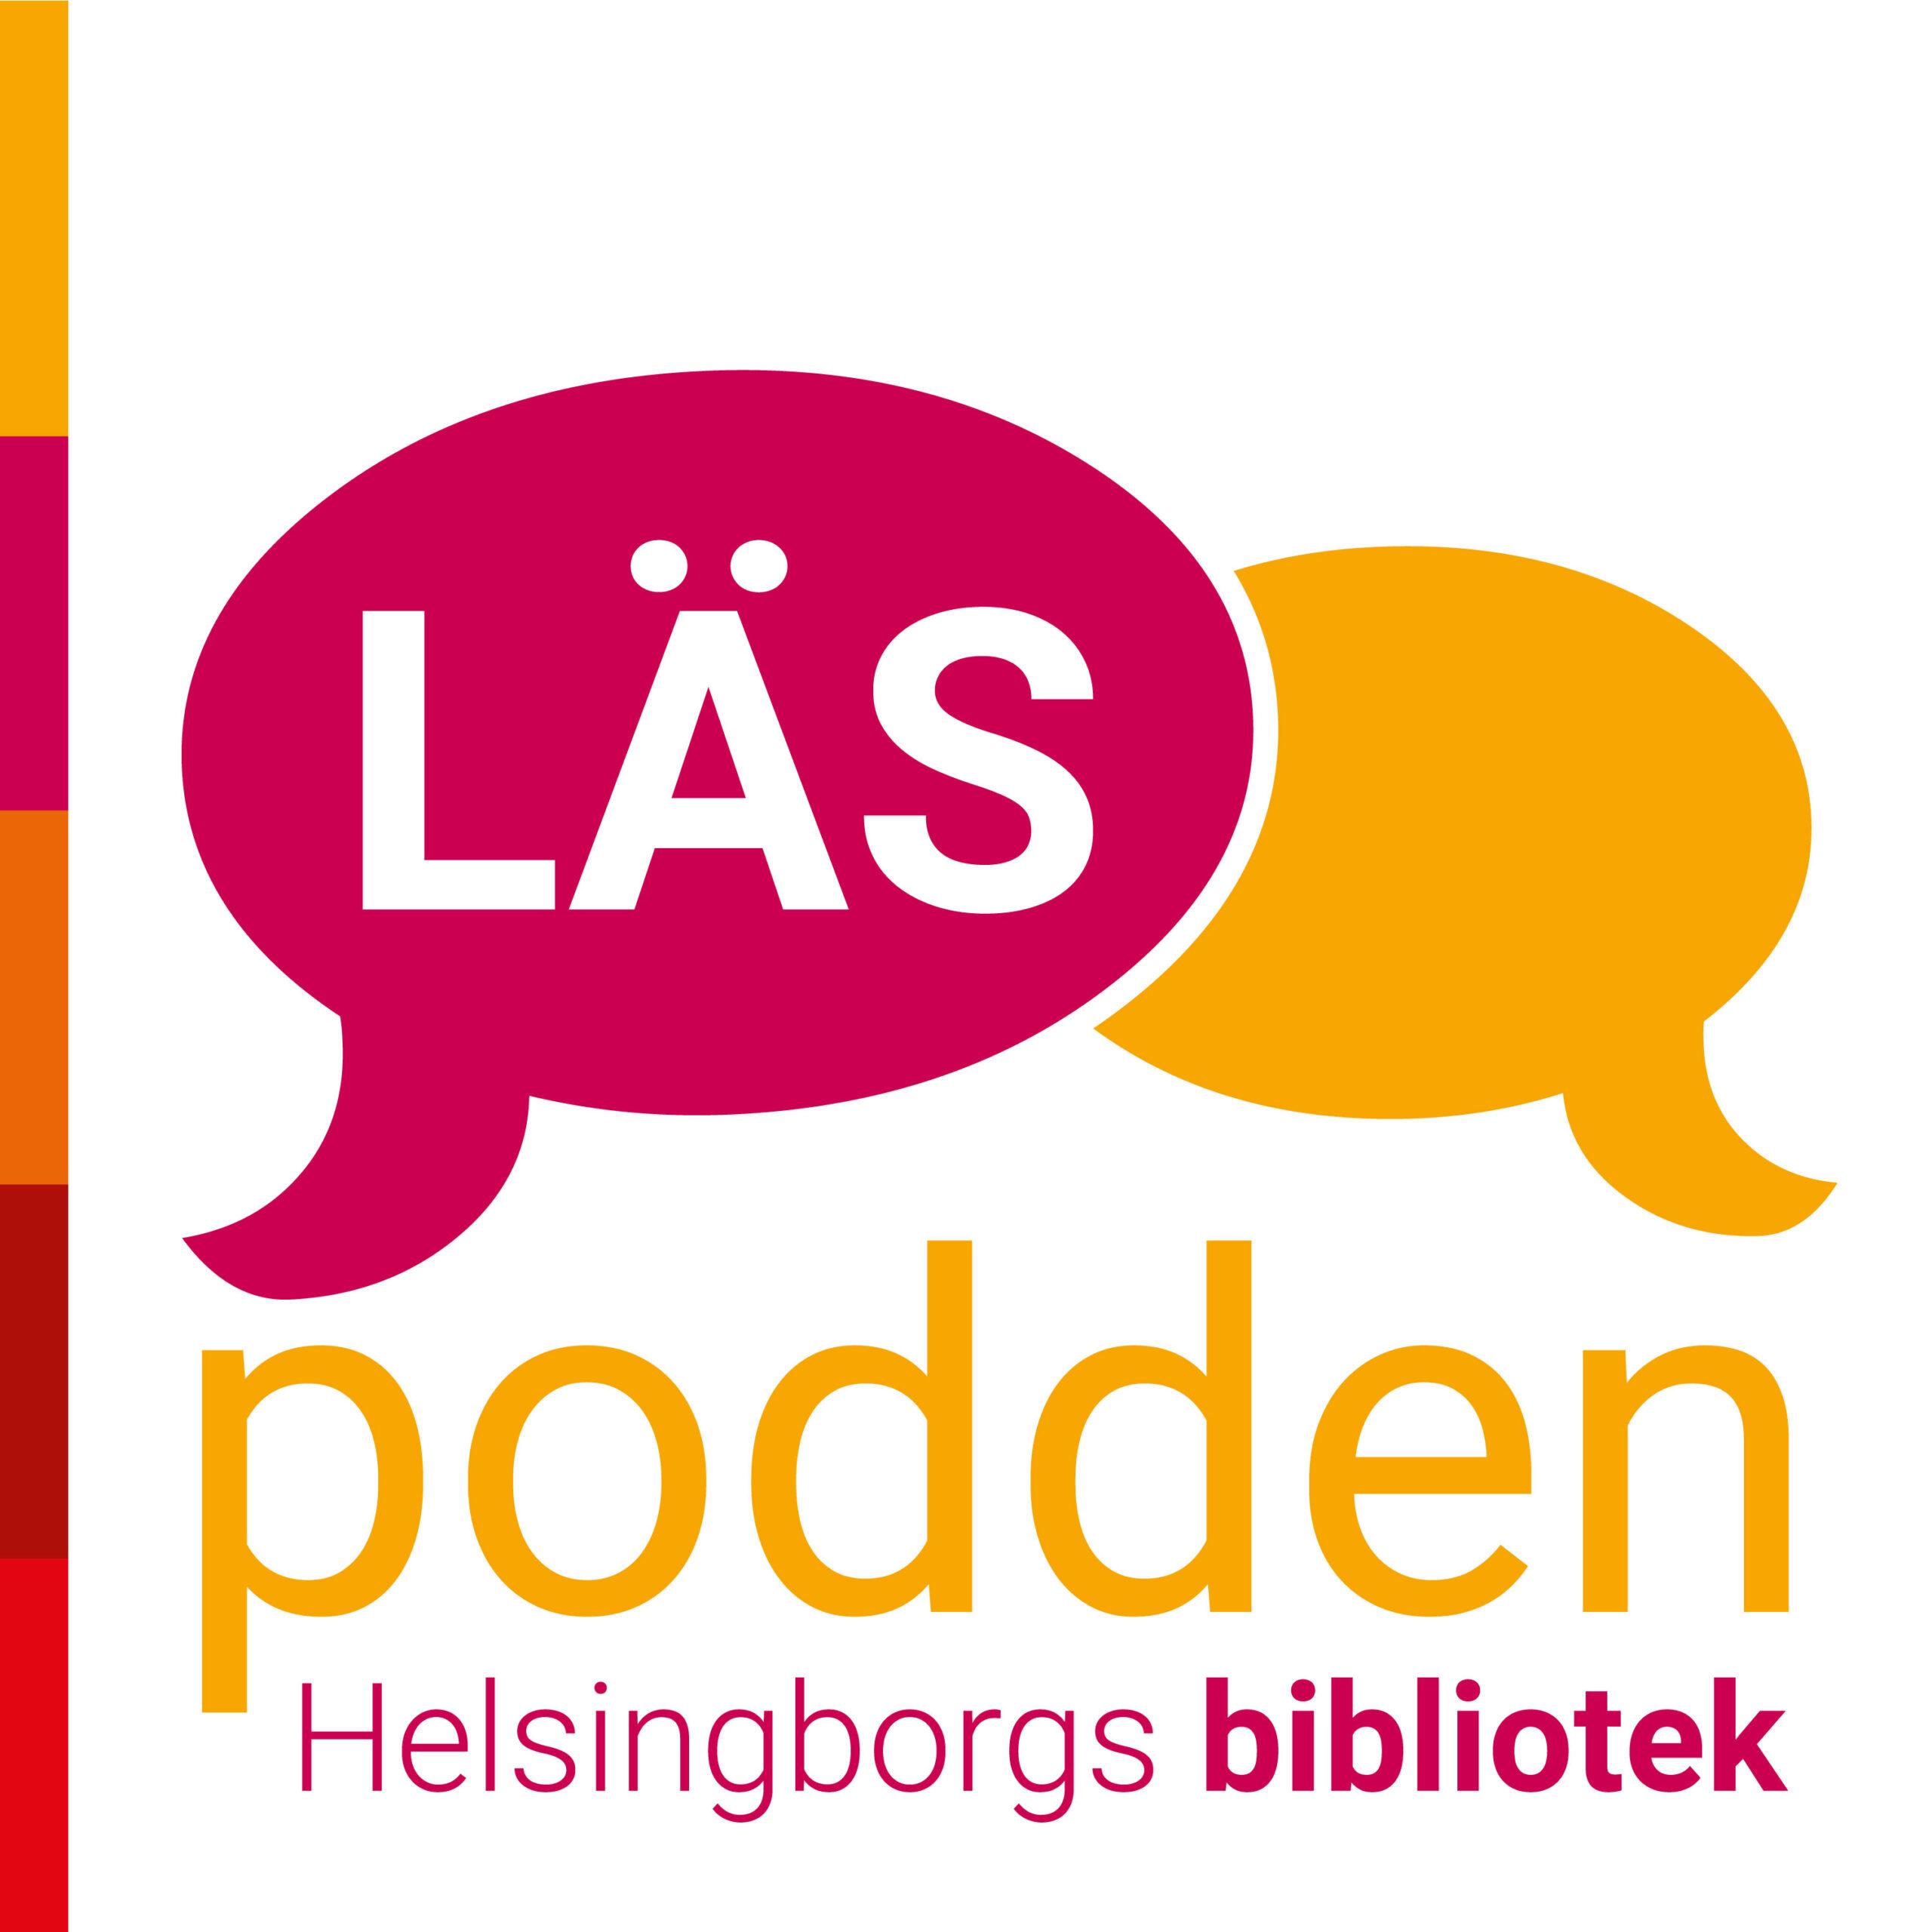 LÄSpoddens logotyp: Två pratbubblor.